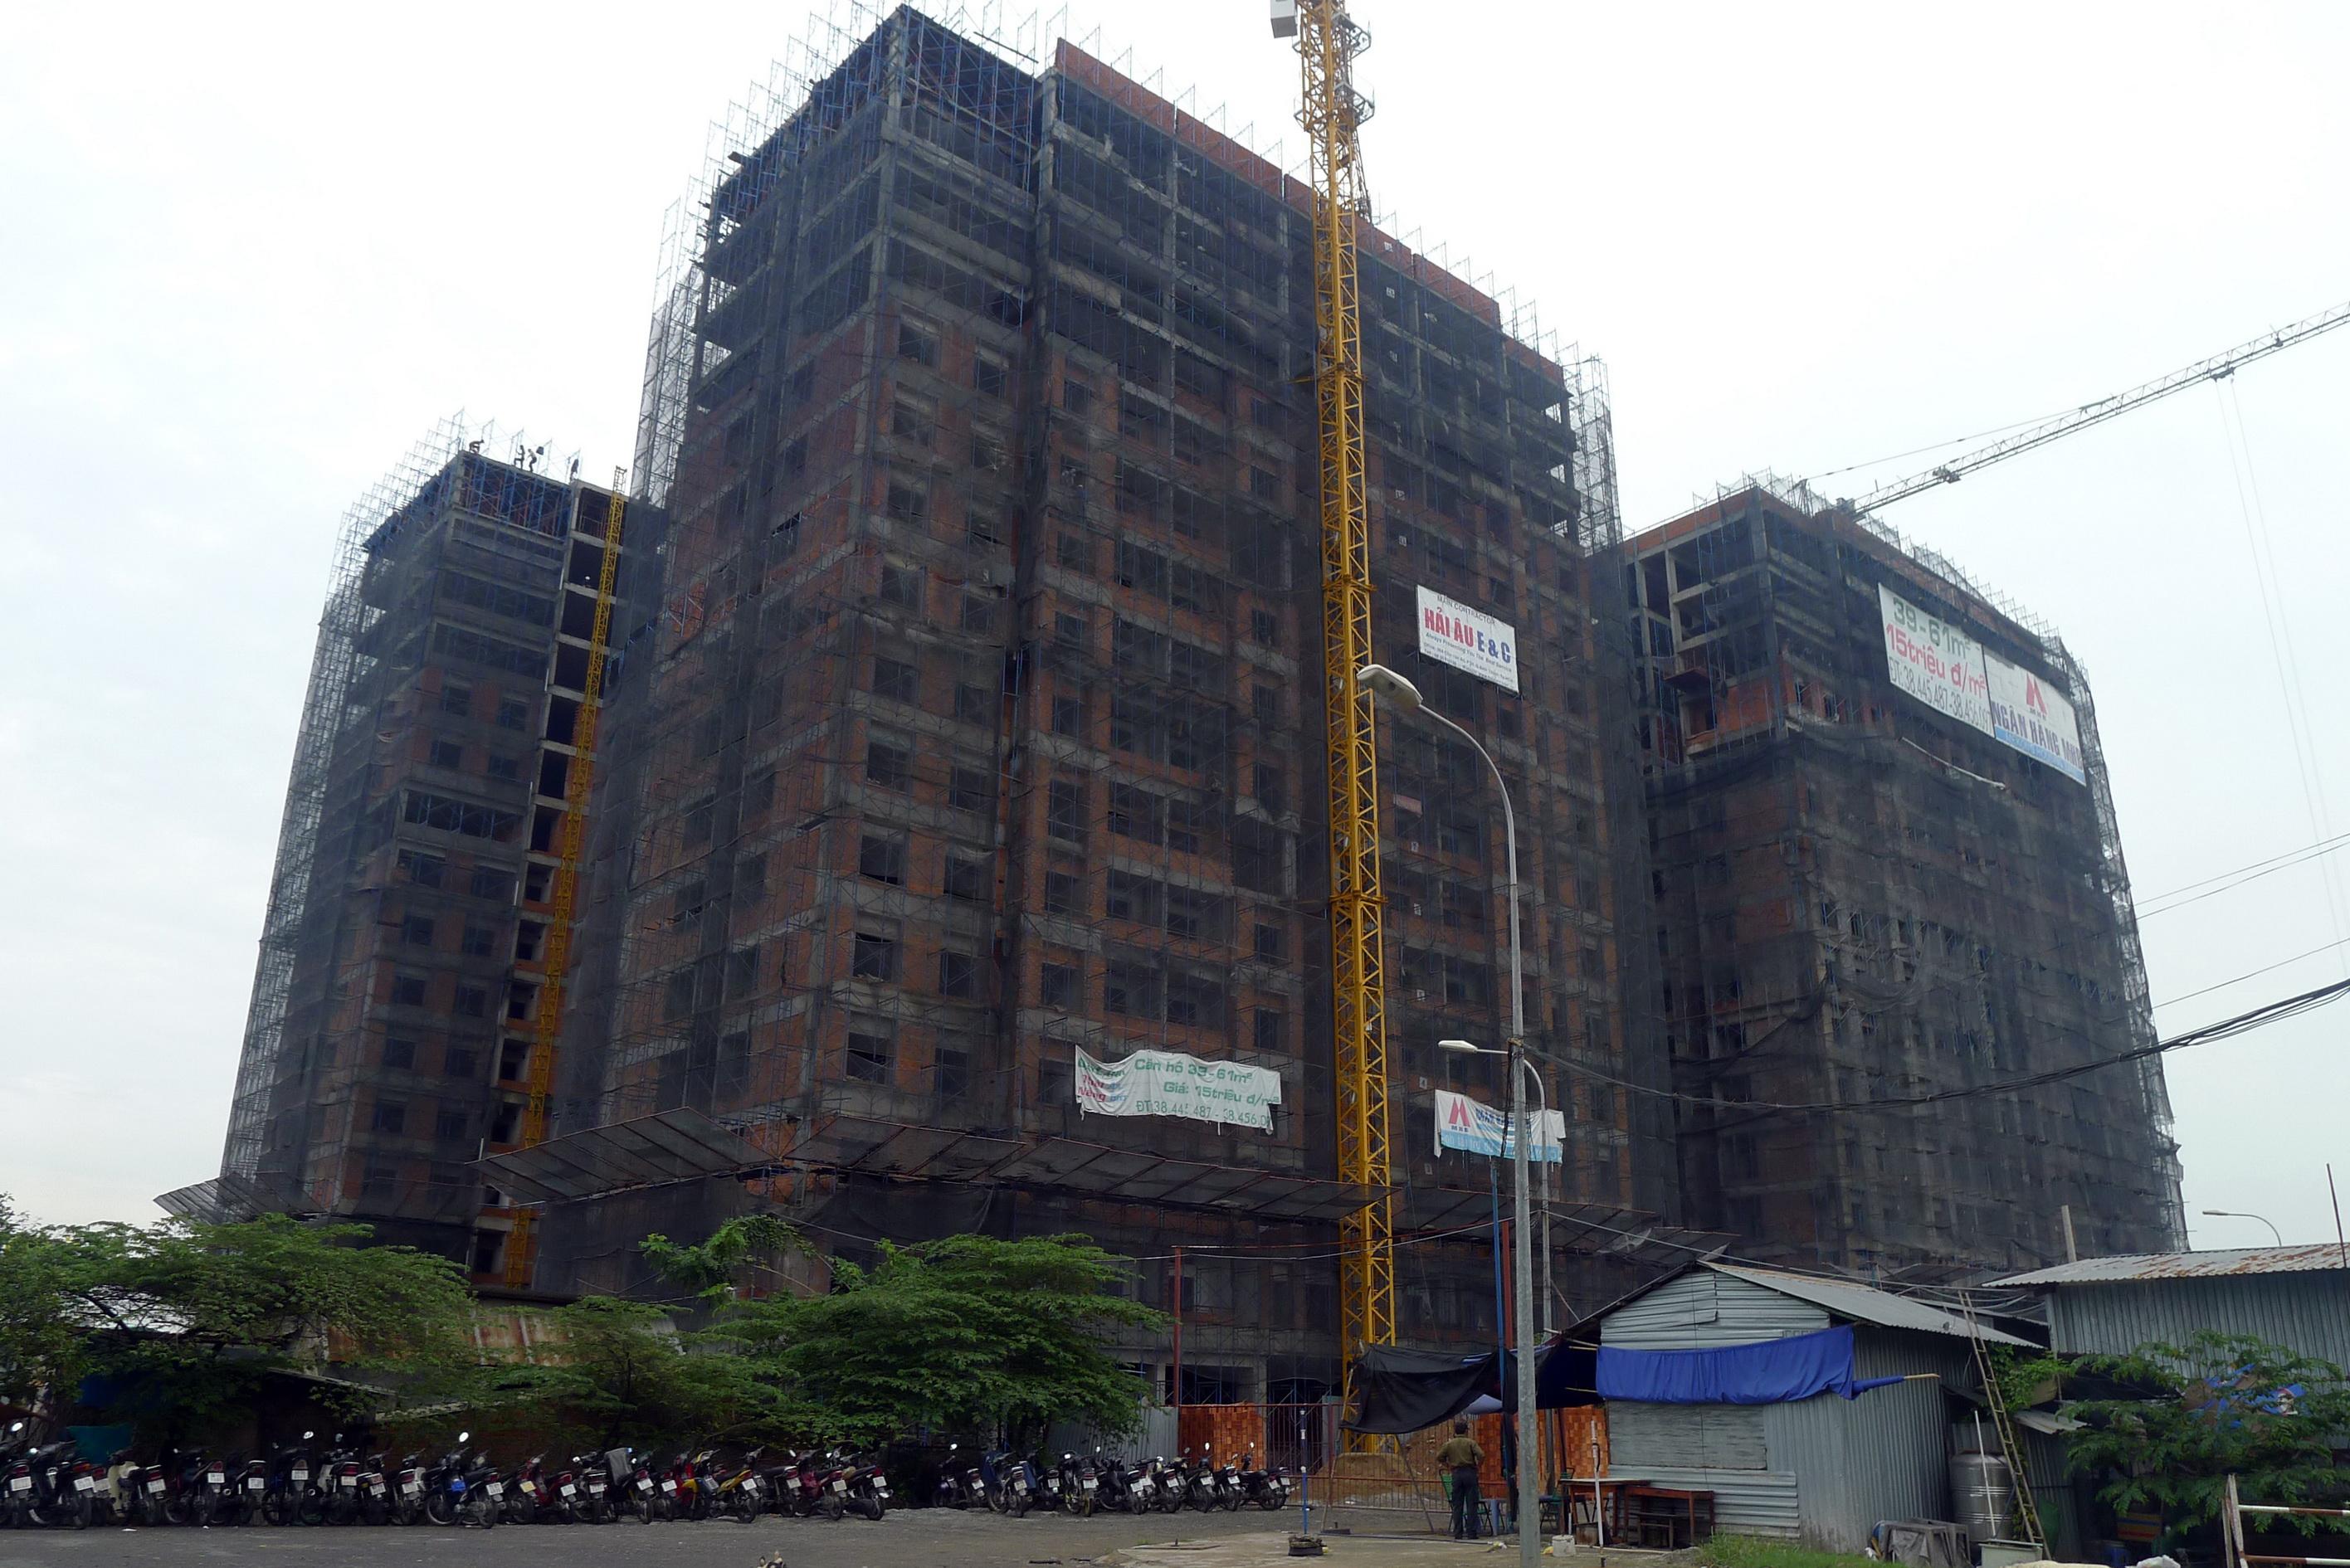 CafeLand – Theo thông tin từ chủ đầu tư cho biết, hiện dự án chung cư Thái An 3 và 4 đã được cất nóc. Dự kiến, hai tòa chung cư này sẽ được bàn giao vào quý II/2012.